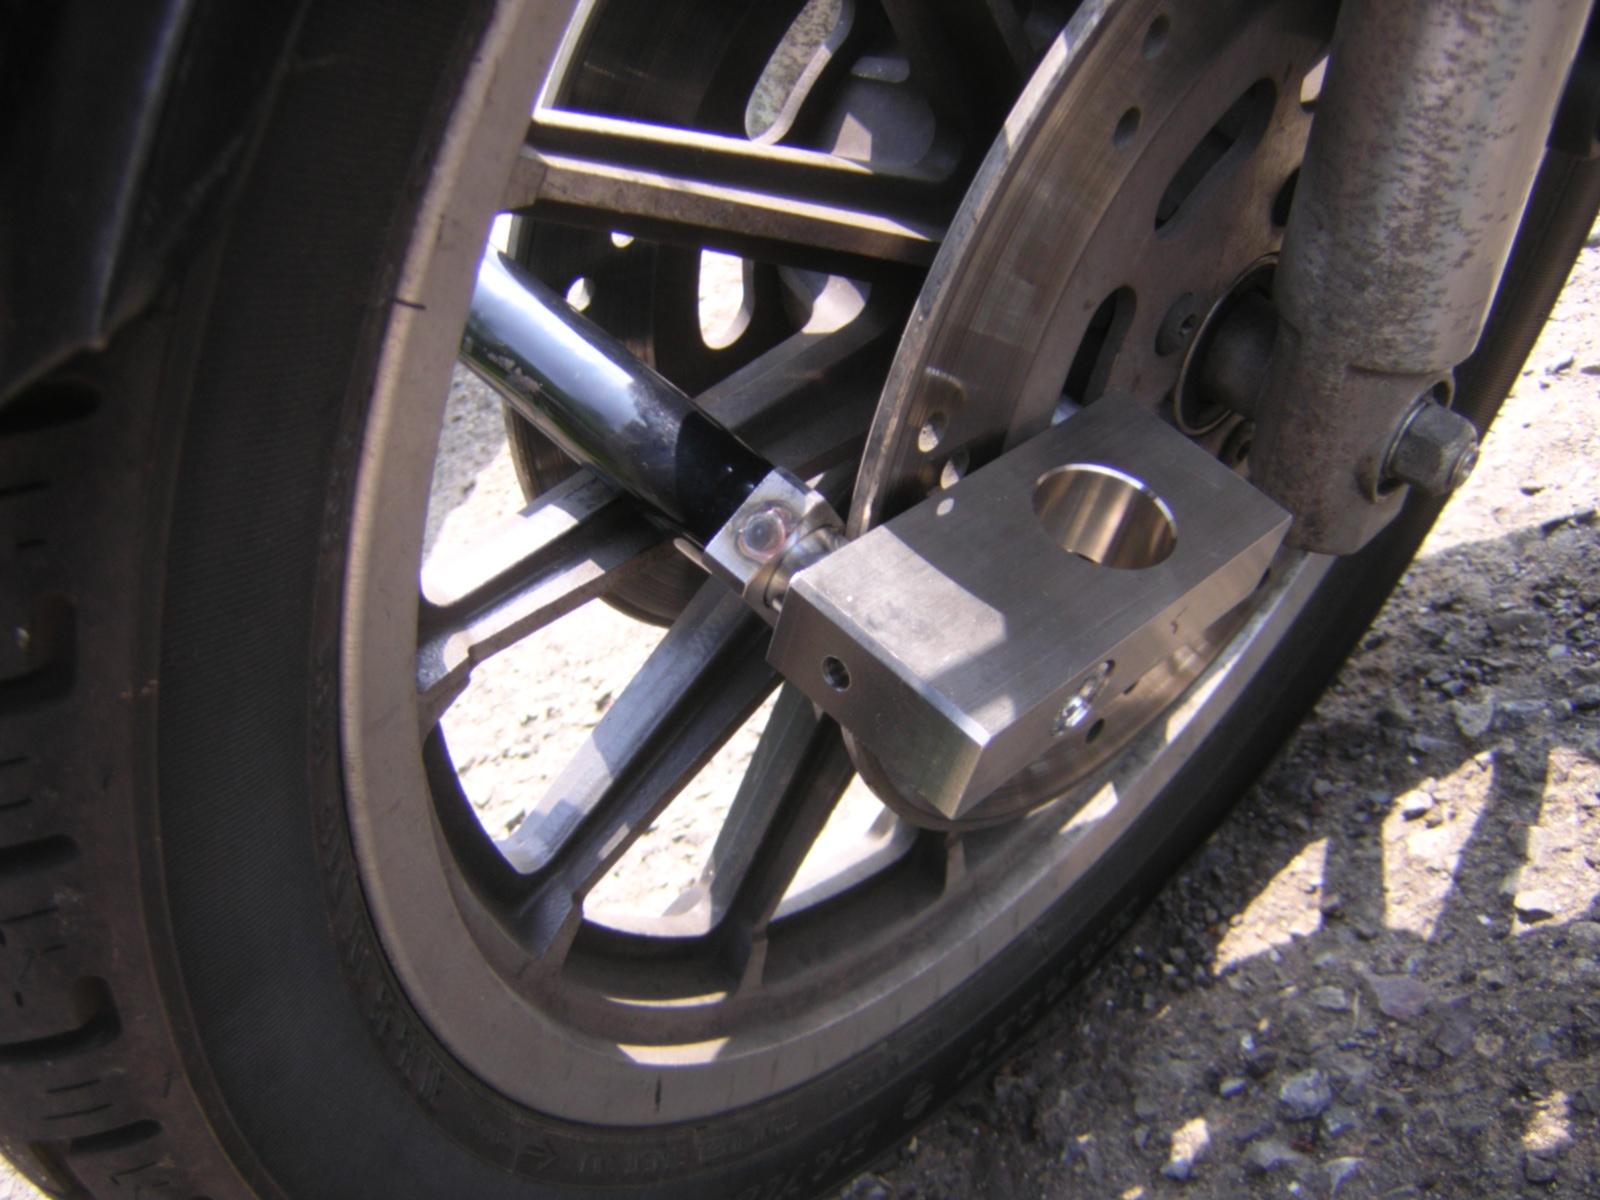 あなたの大切な「相棒」を守ります。バイクを守るディスクロック!のサムネイル画像